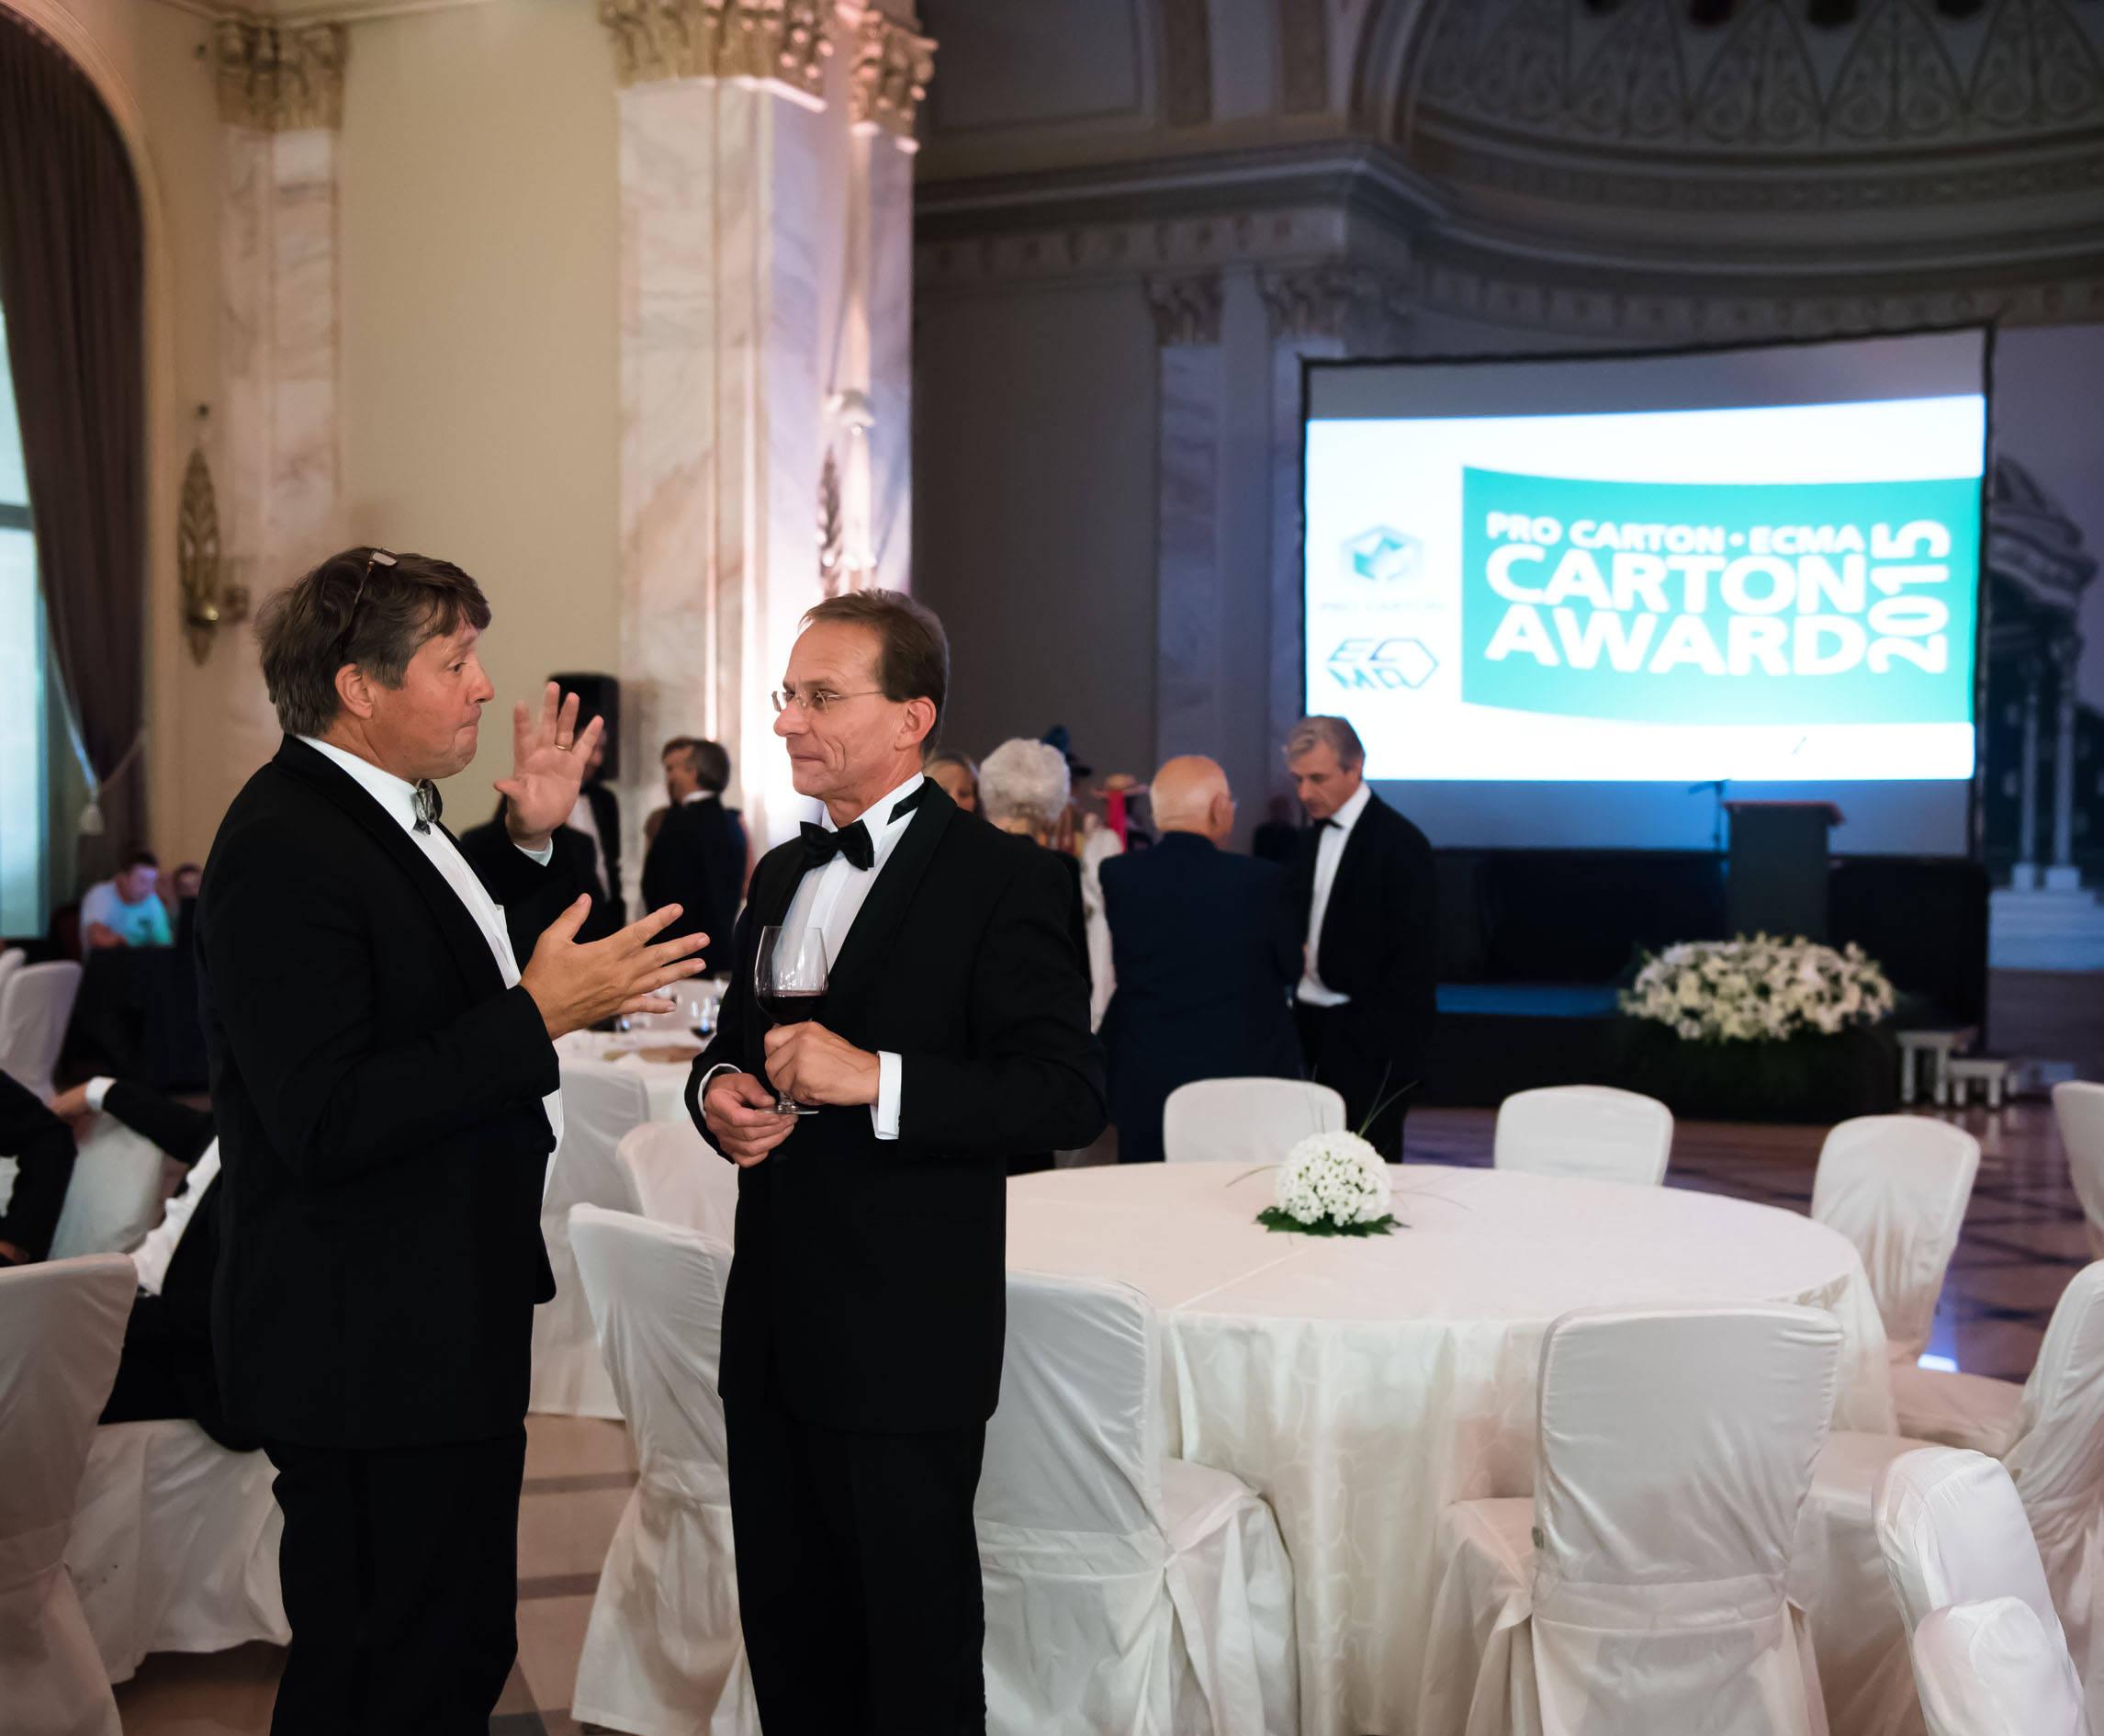 Pro Carton ECMA Award Gala 2015 96